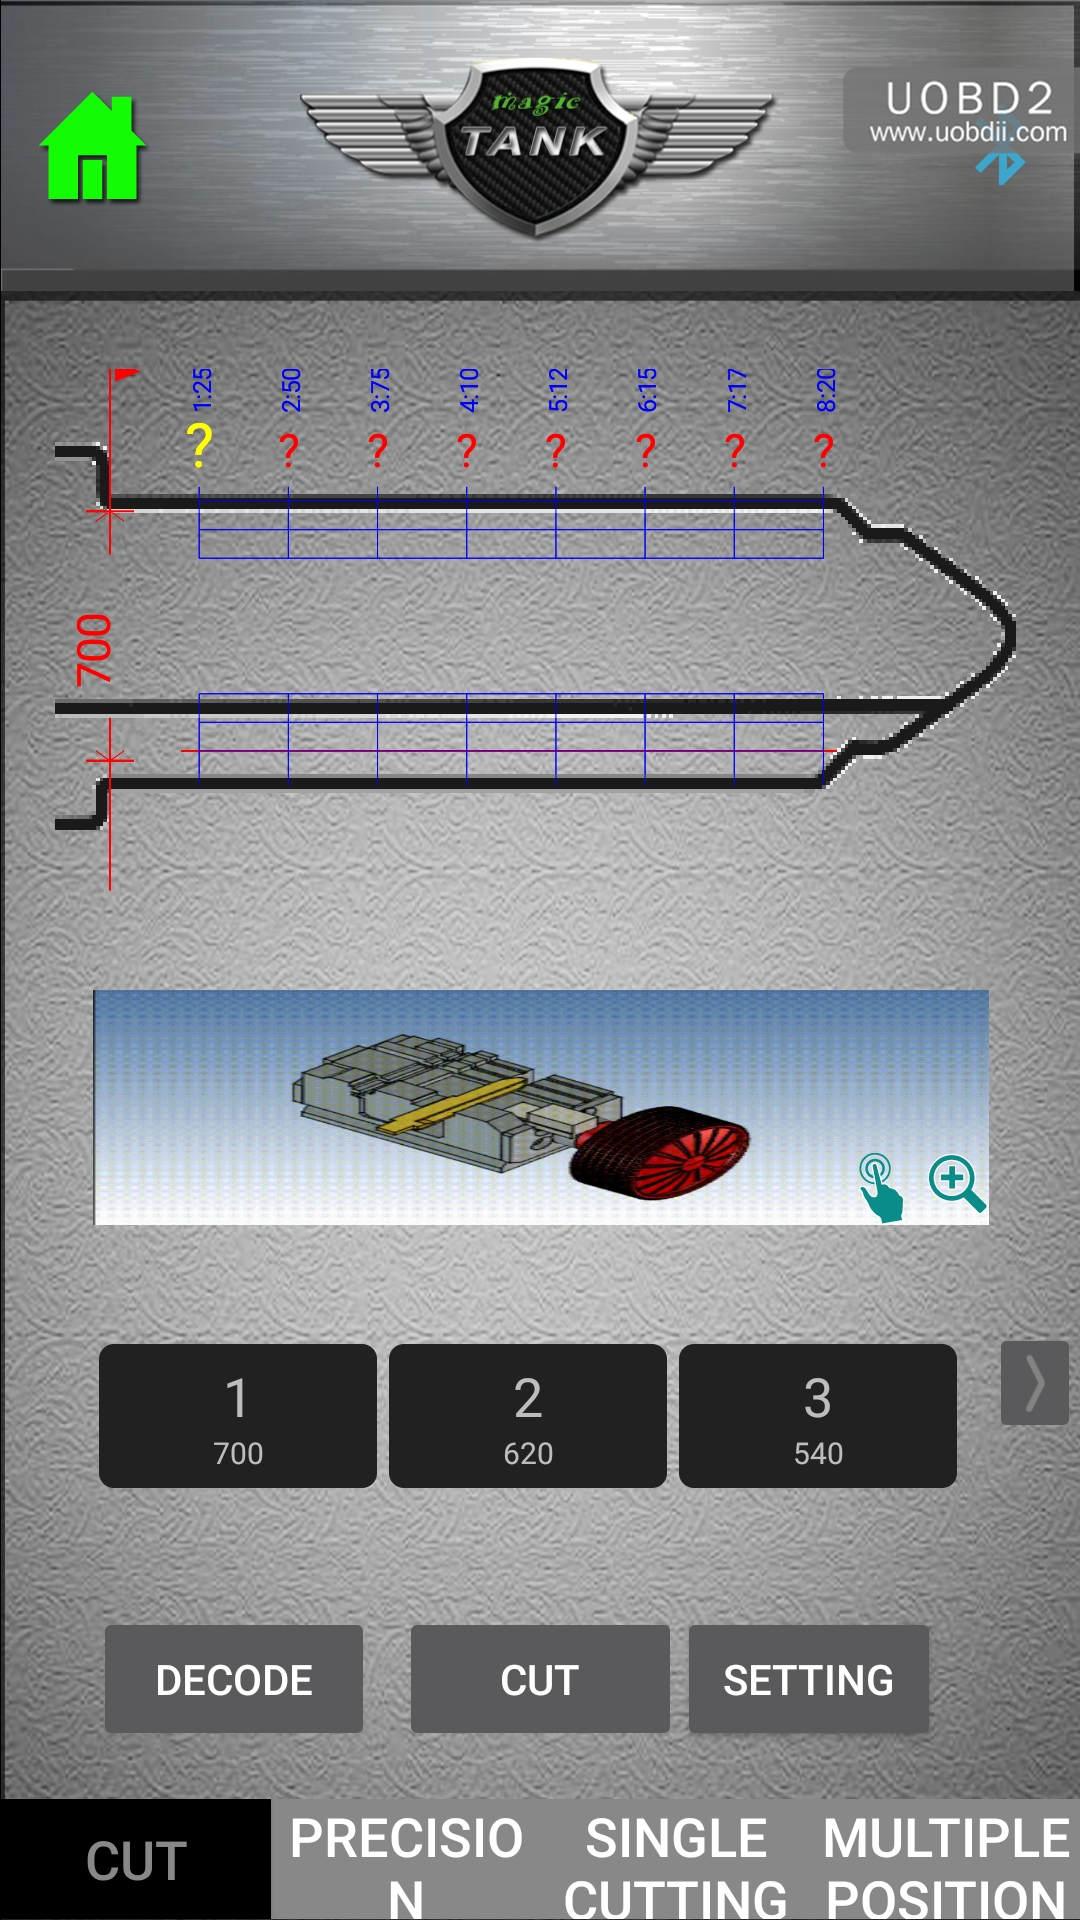 2m2-tank-cutter-guide-10